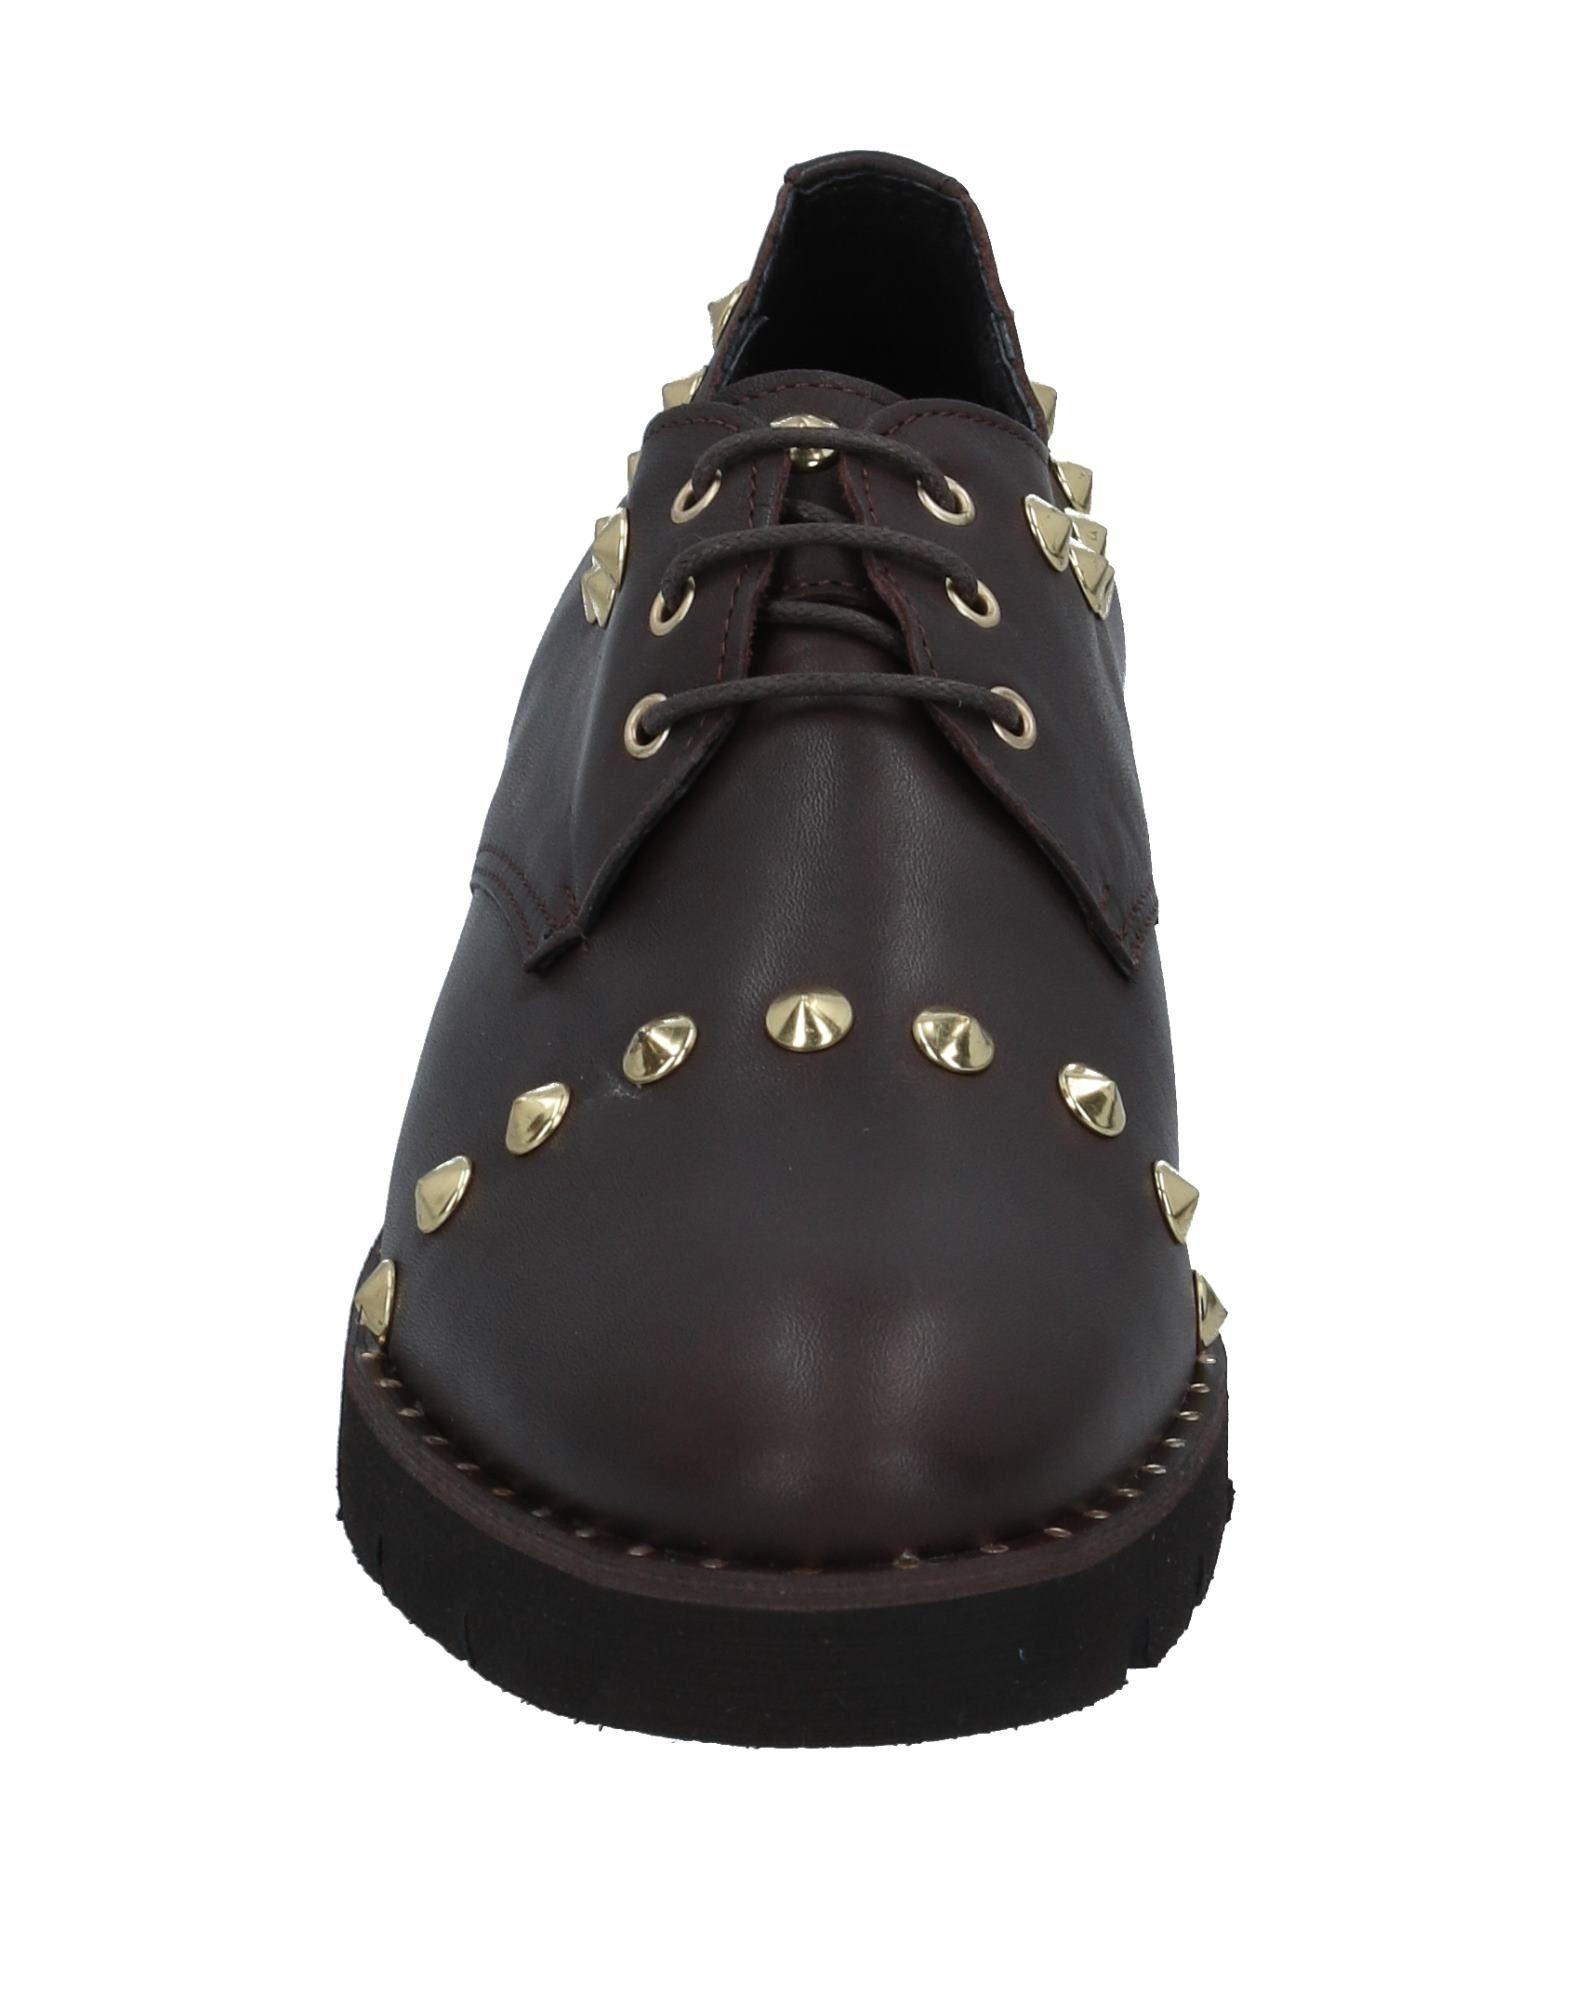 Gut Pepite um billige Schuhe zu tragenLe Pepite Gut Schnürschuhe Damen  11526748DE 7750d3